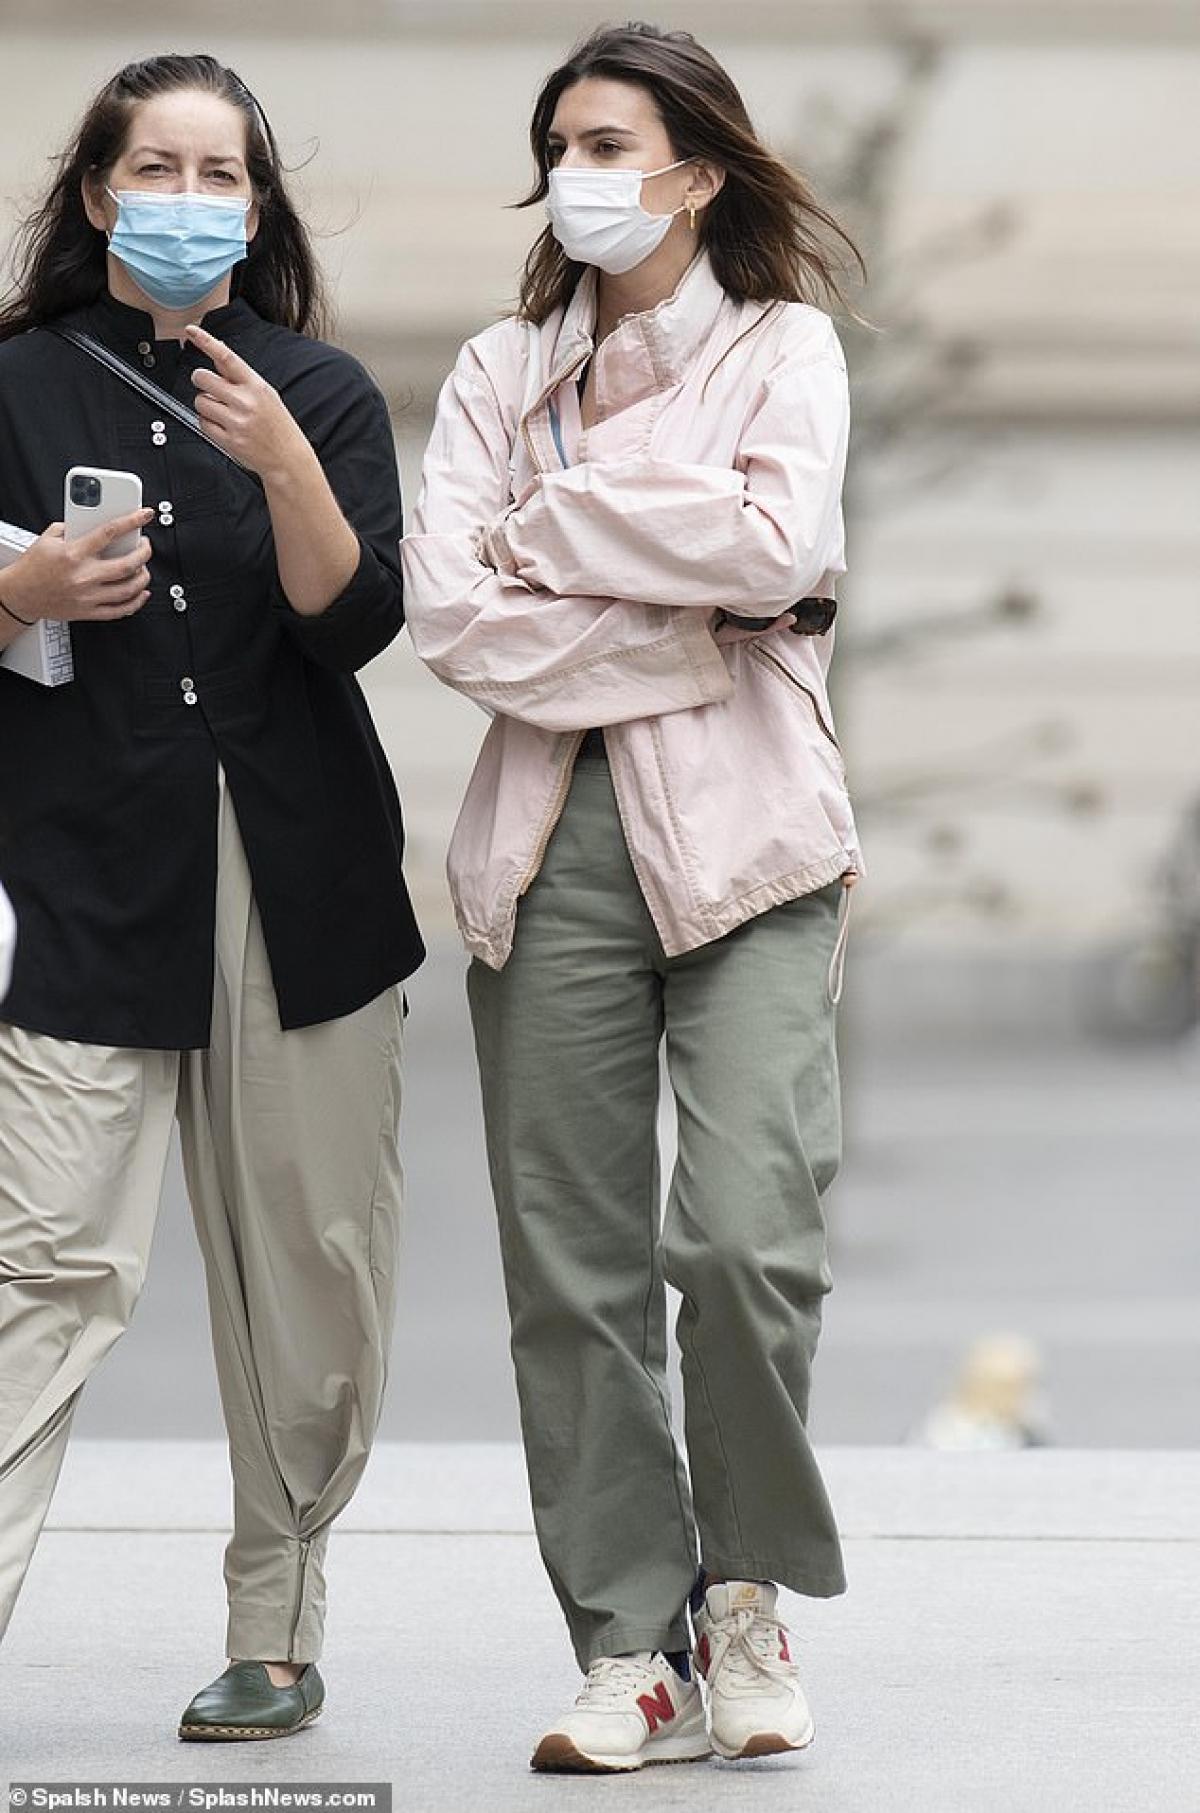 Mới đây, Emily Ratajkowski cùng người bạn thân đến xem triển lãm nghệ thuật tại Bảo tàng Metropolitan ở New York.